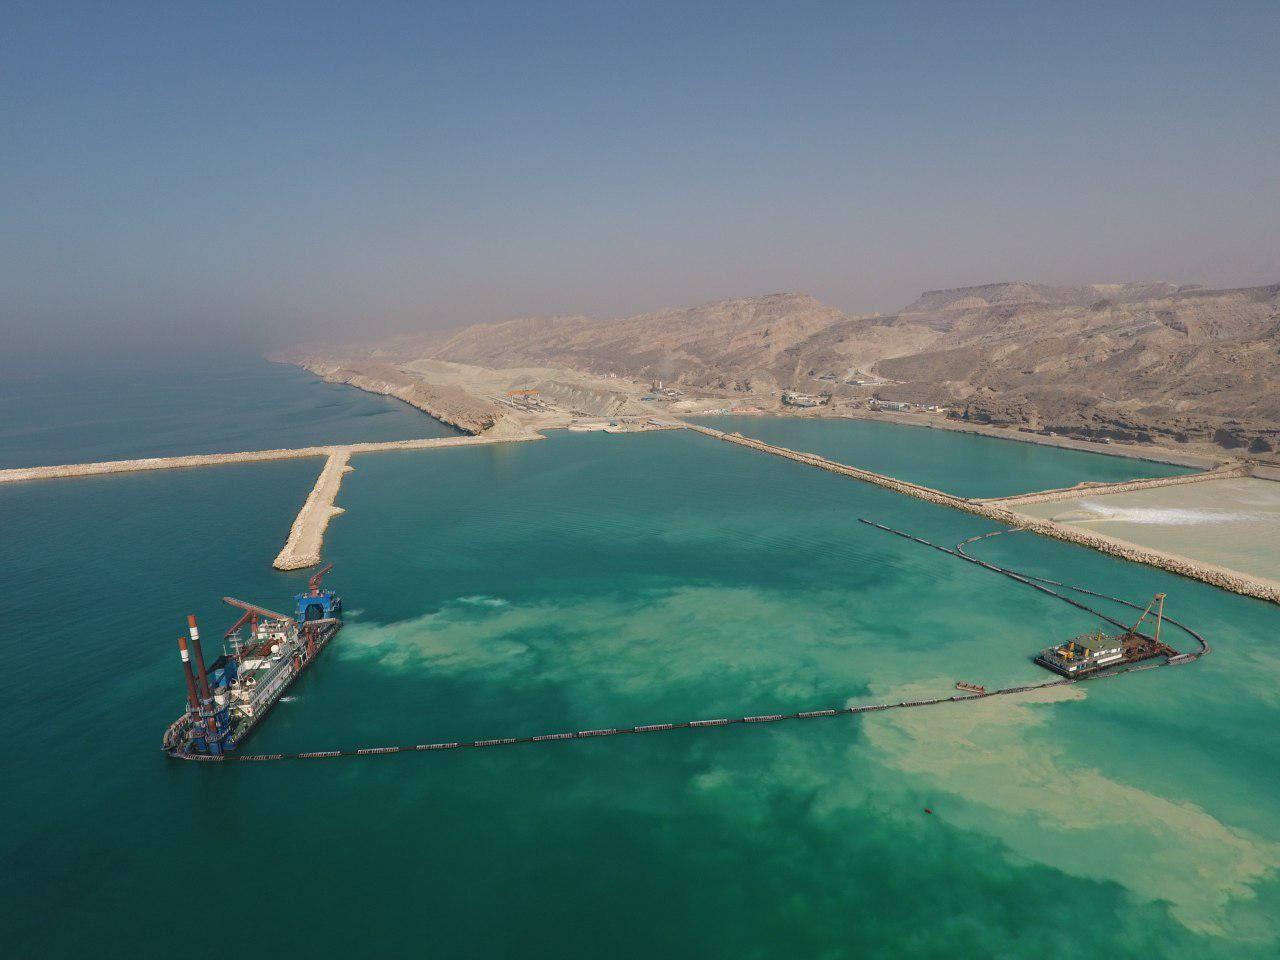 حریم دریا در منطقه ویژه پارسیان رعایت شده است